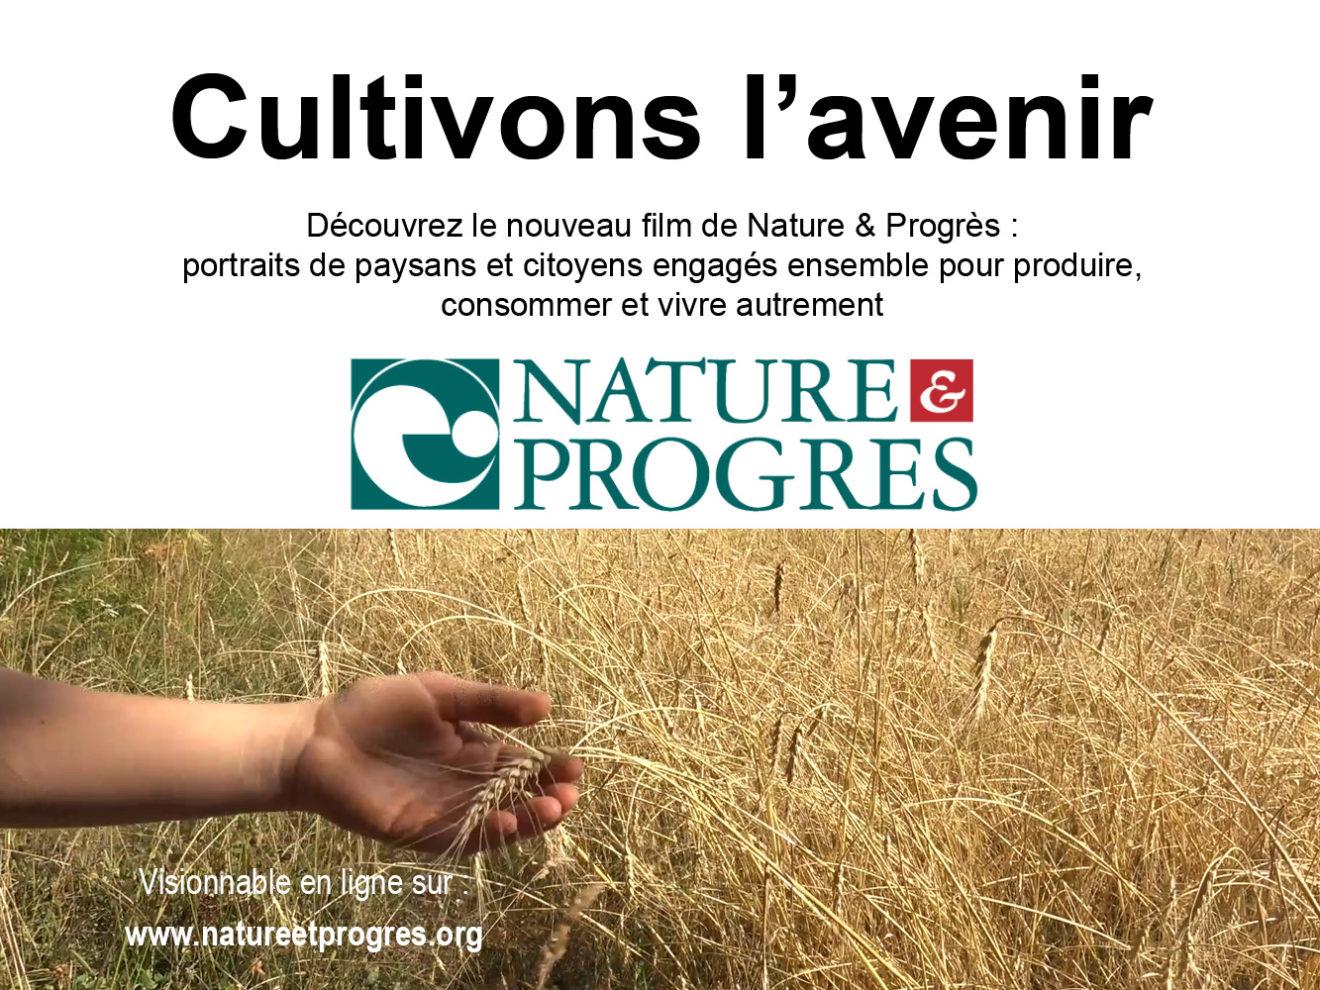 Un nouveau film sur Nature et Progrès visionnable en ligne